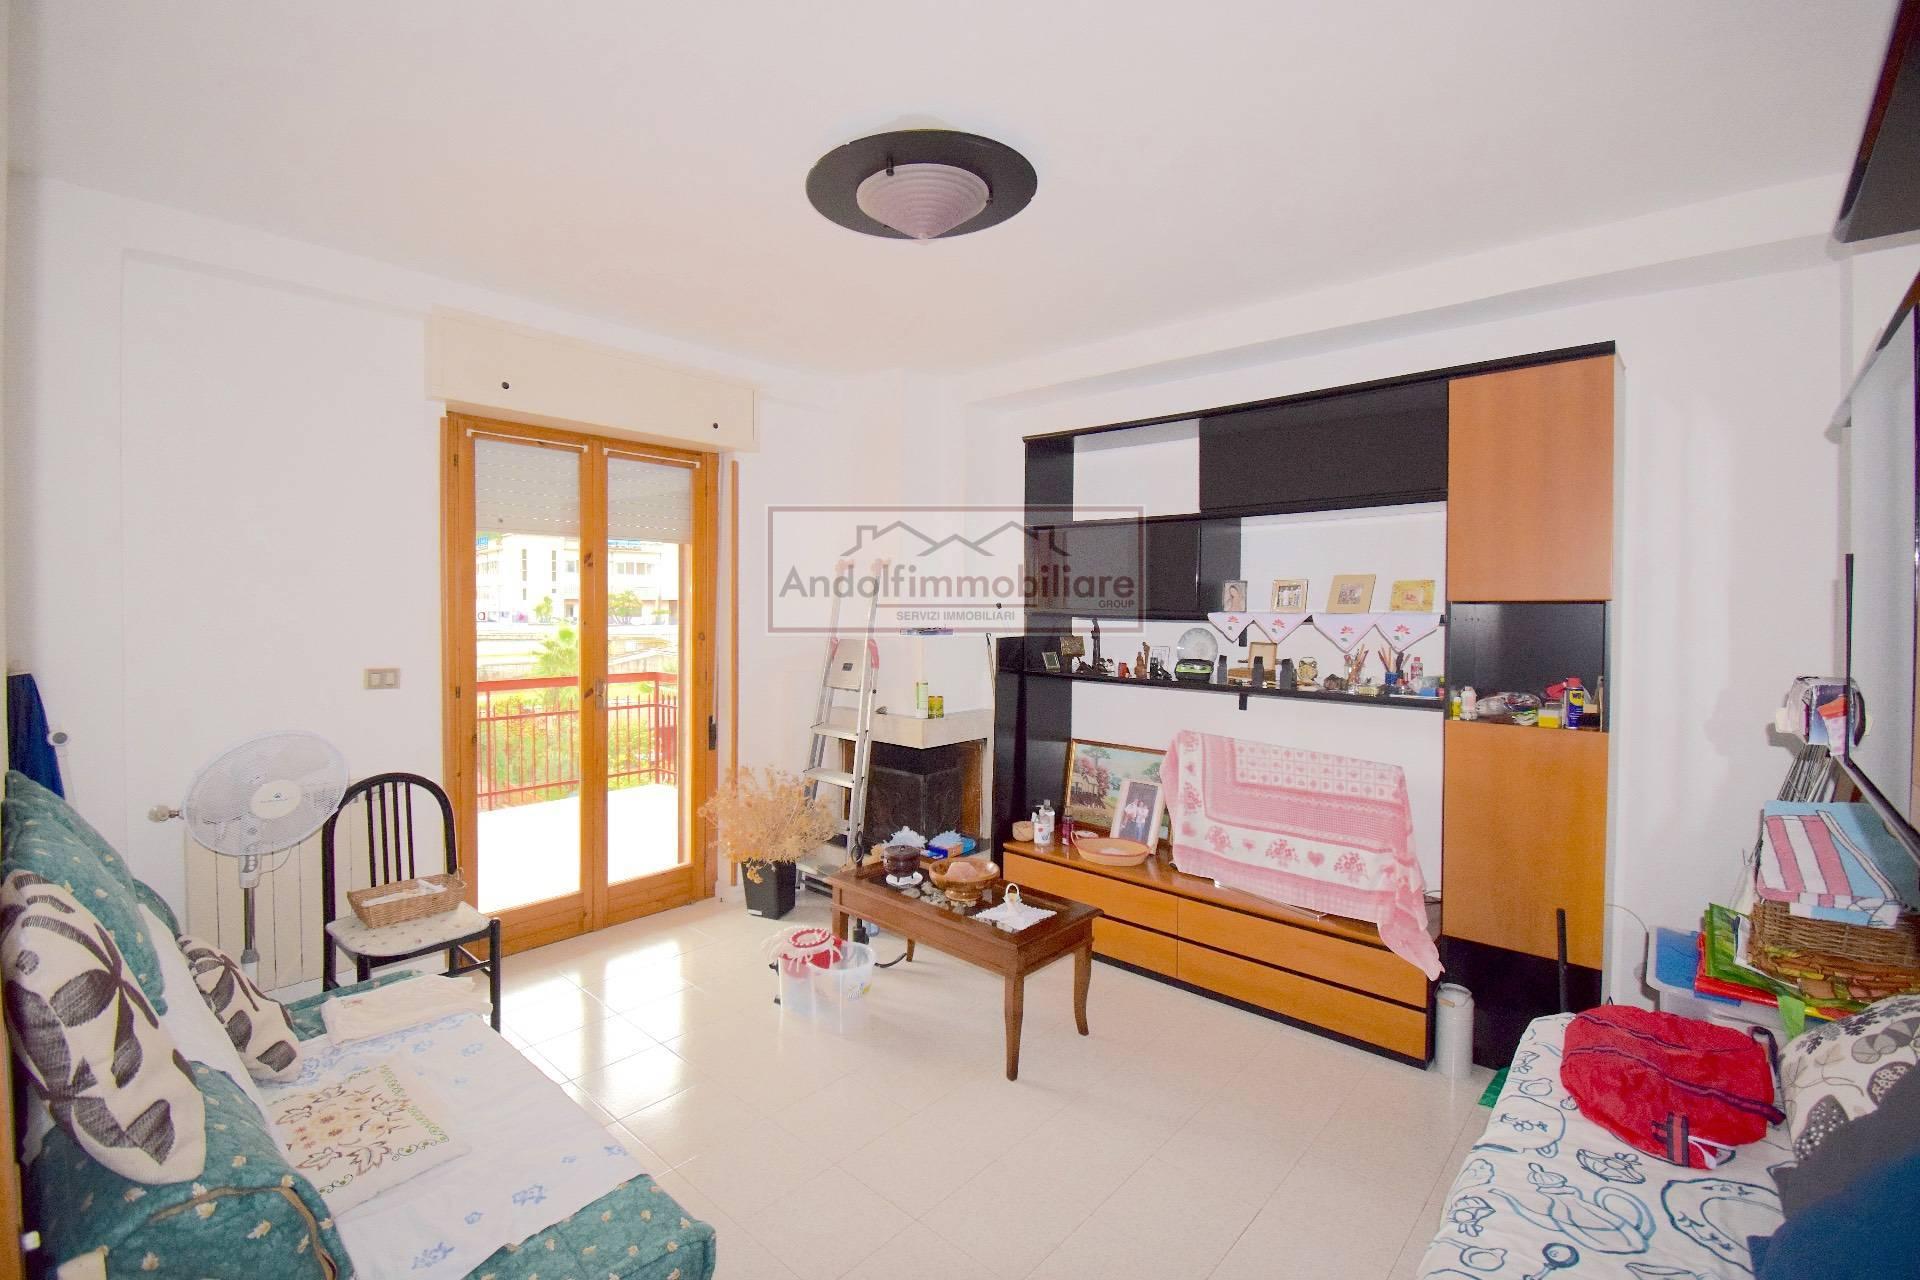 Itri zona Semi centrale. Appartamento con terrazzo e garage in vendita a Itri.